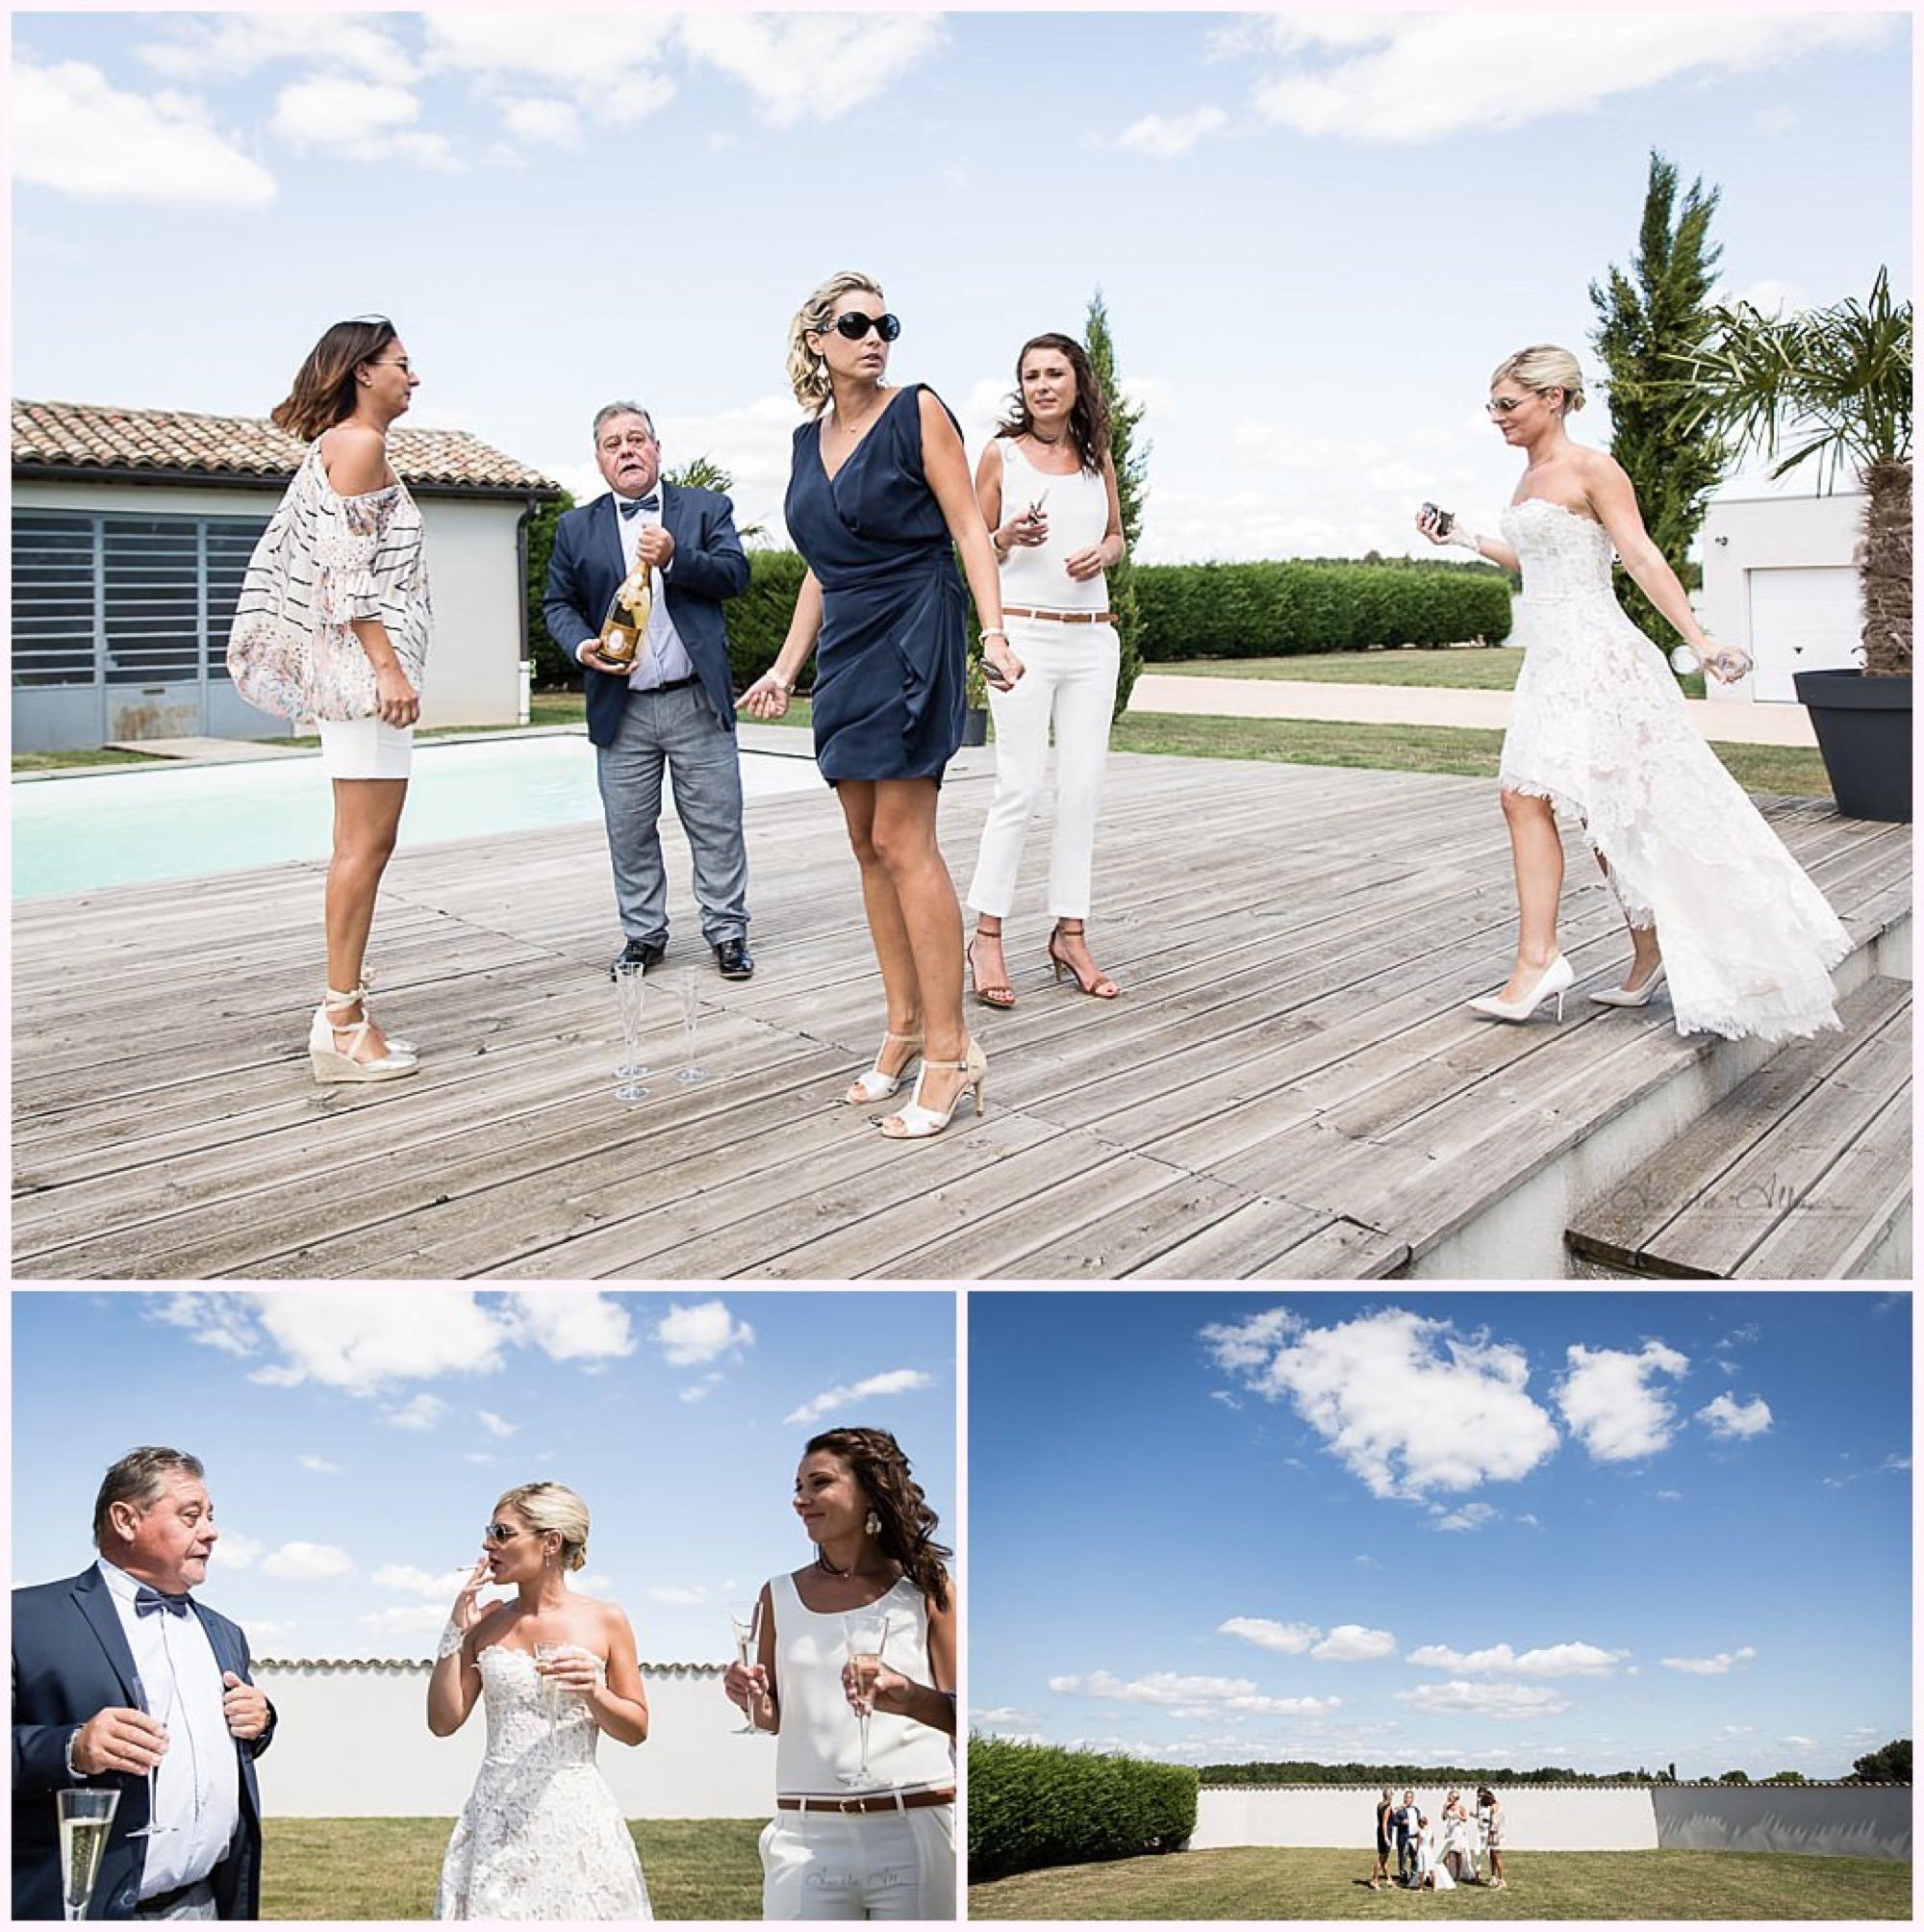 habillage mariée champagne mariage mâcon photographe mariage mâcon aurelie allanic